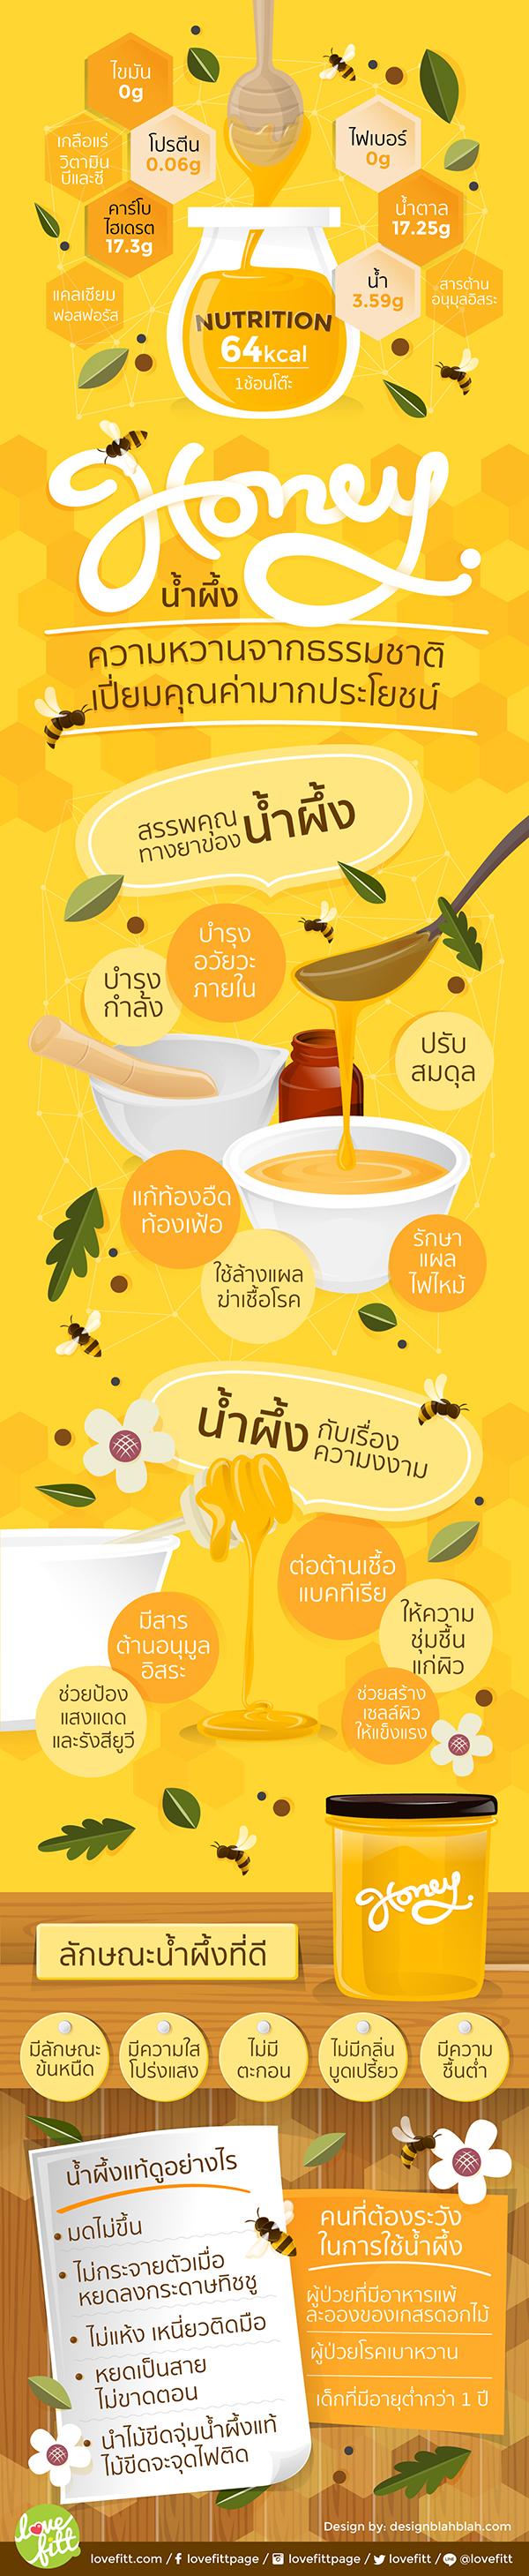 น้ำผึ้ง ความหวานจากธรรมชาติ เปี่ยมคุณค่ามากประโยชน์